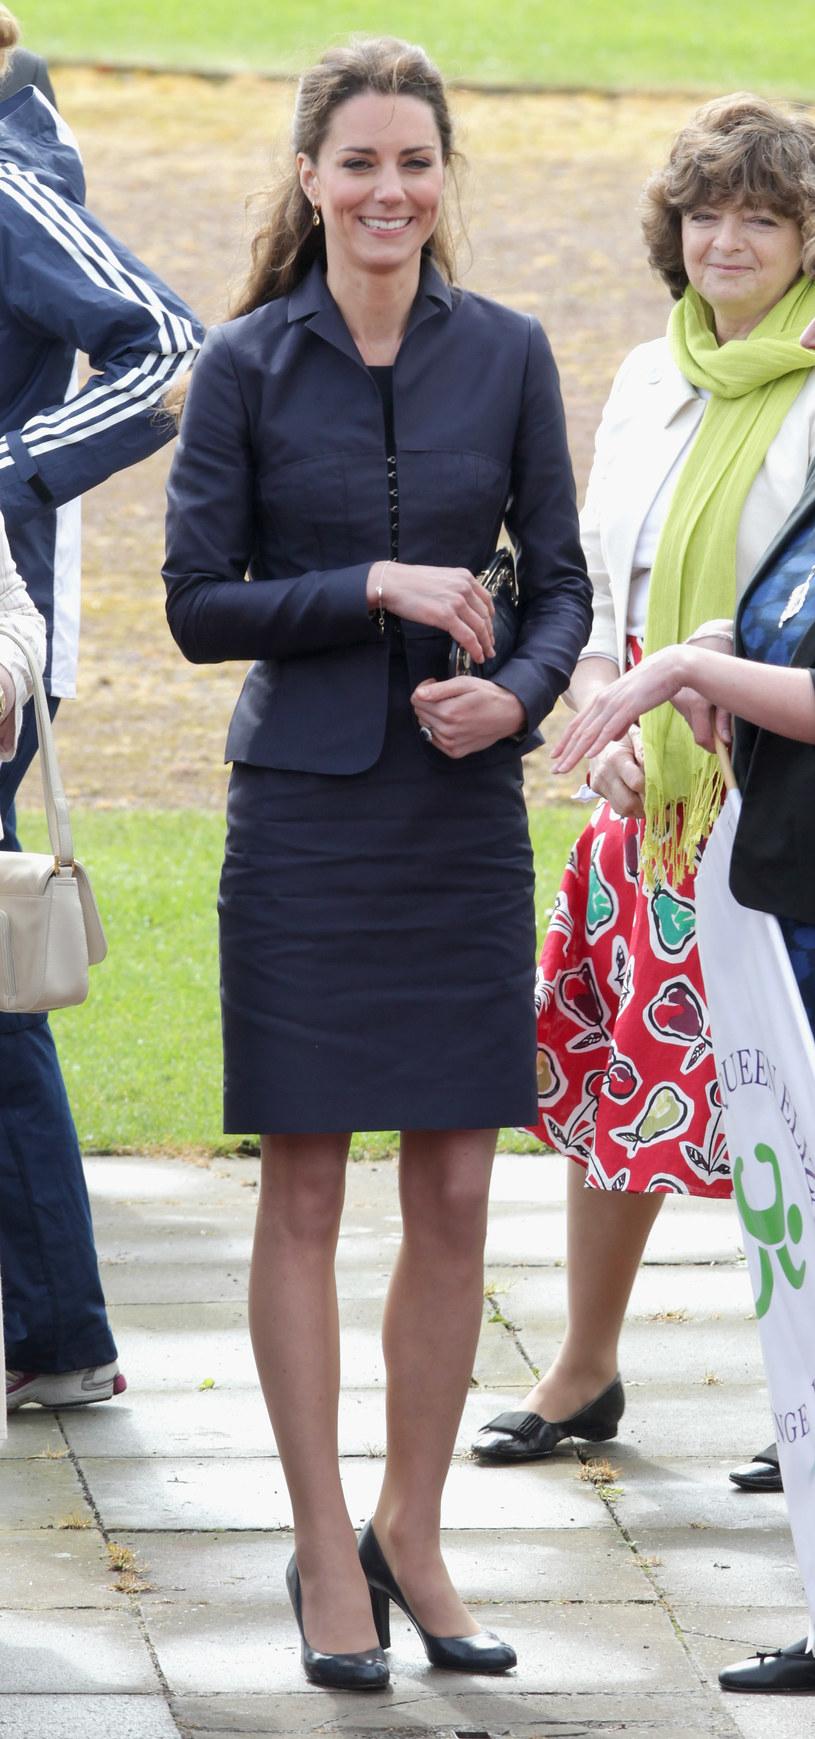 Niektórzy obawiają się, że Kate schudła za bardzo  /Getty Images/Flash Press Media